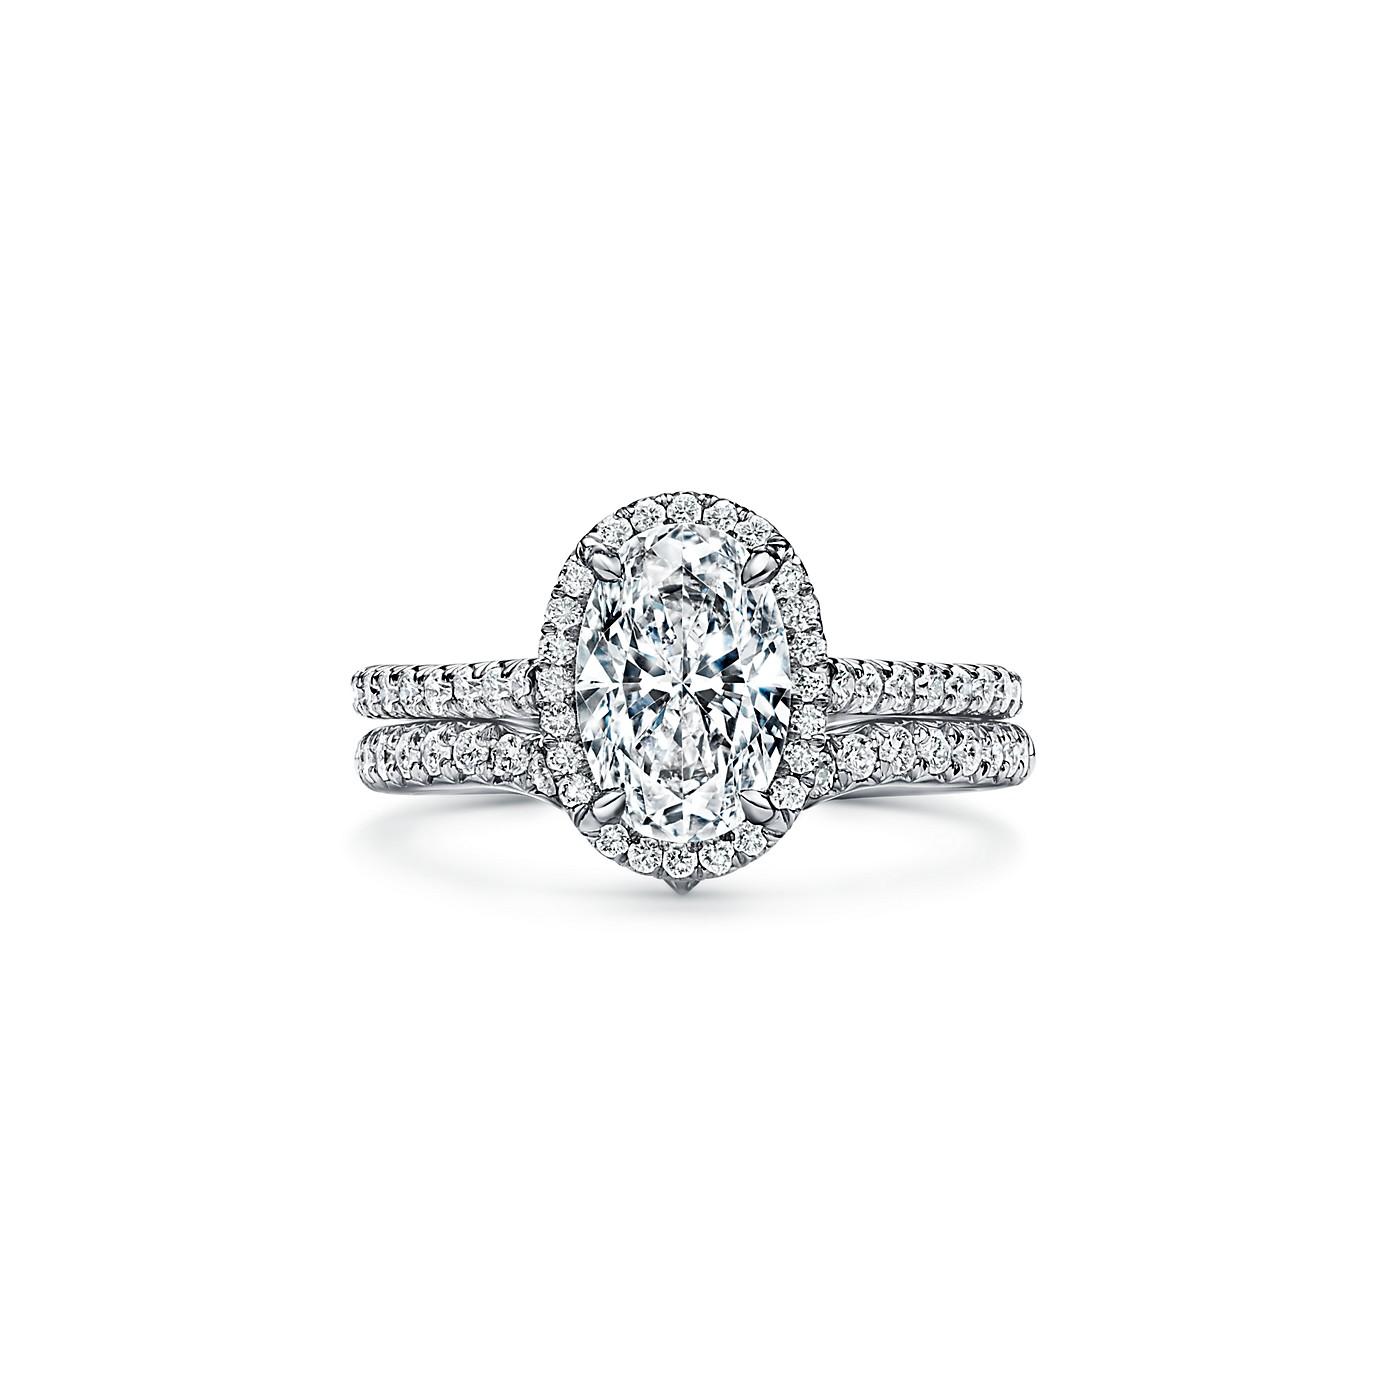 ティファニー ソレスト オーバル カット ダイヤモンド エンゲージメント リング(4)―Tiffany & Co.(ティファニー)